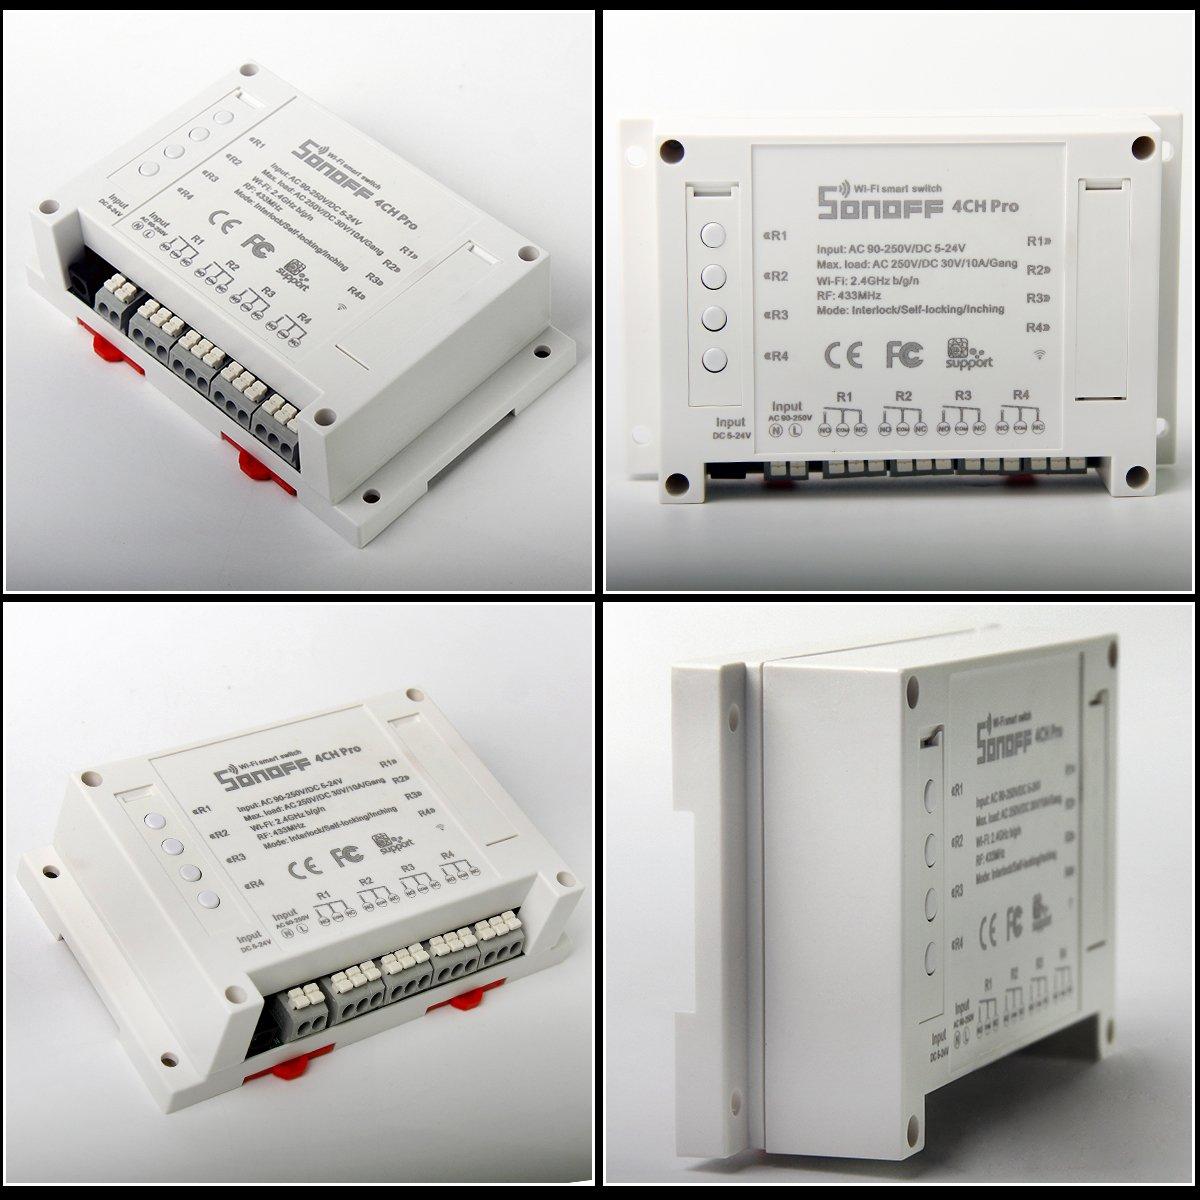 pour  Alexa ANRIS Sonoff 4CH Pro WiFi Smart Switch T/él/écommande pour Smart Home 4 Canaux Inching//Auto-Verrouillage//Interverrouillage WiFi RF Commutateur Intelligent